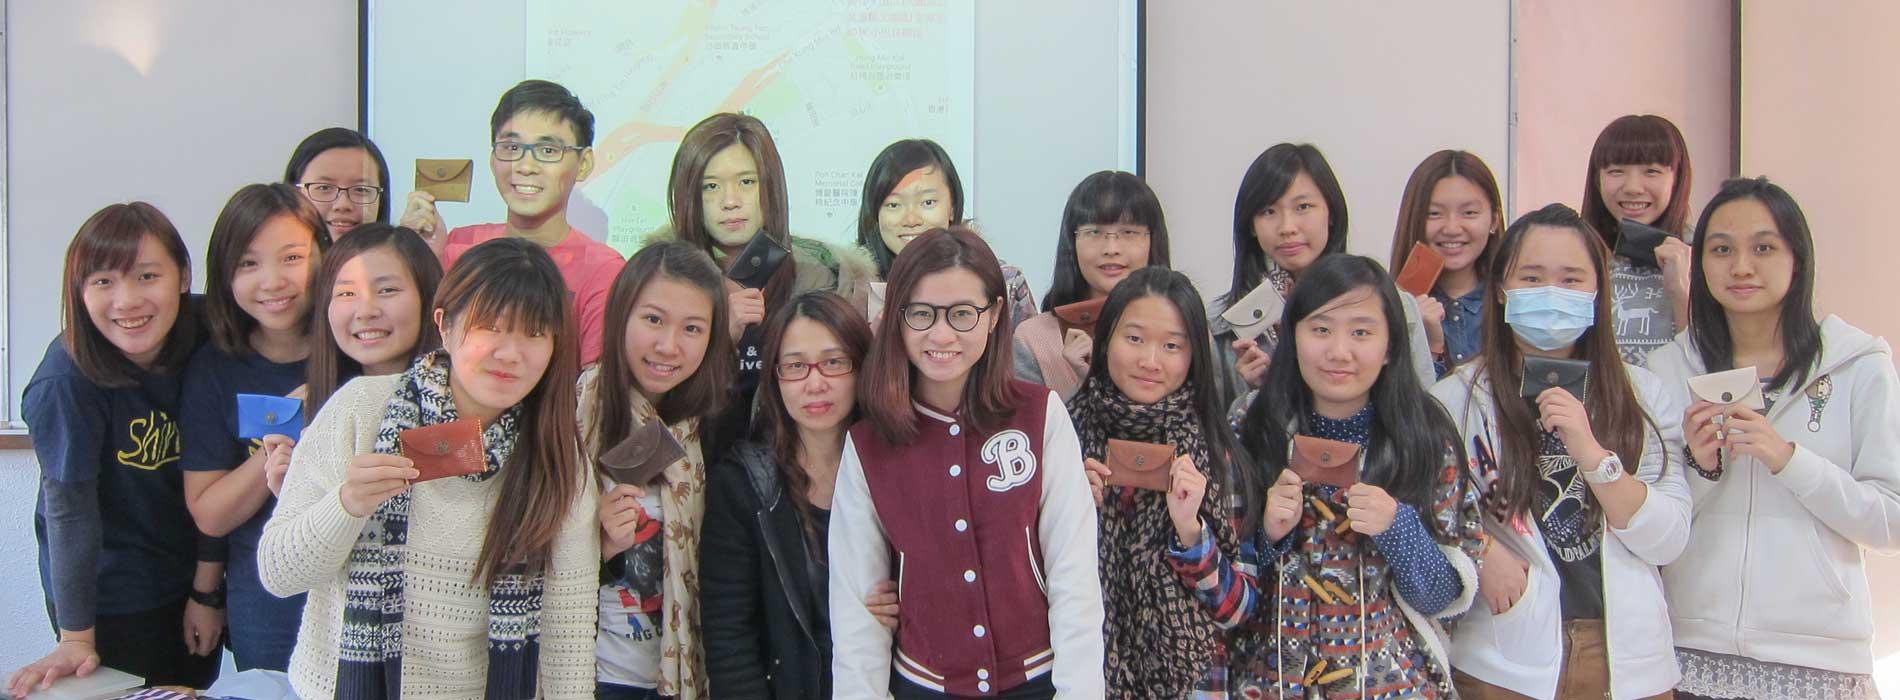 大學青年會香港恒生大學服務介紹頁面橫幅